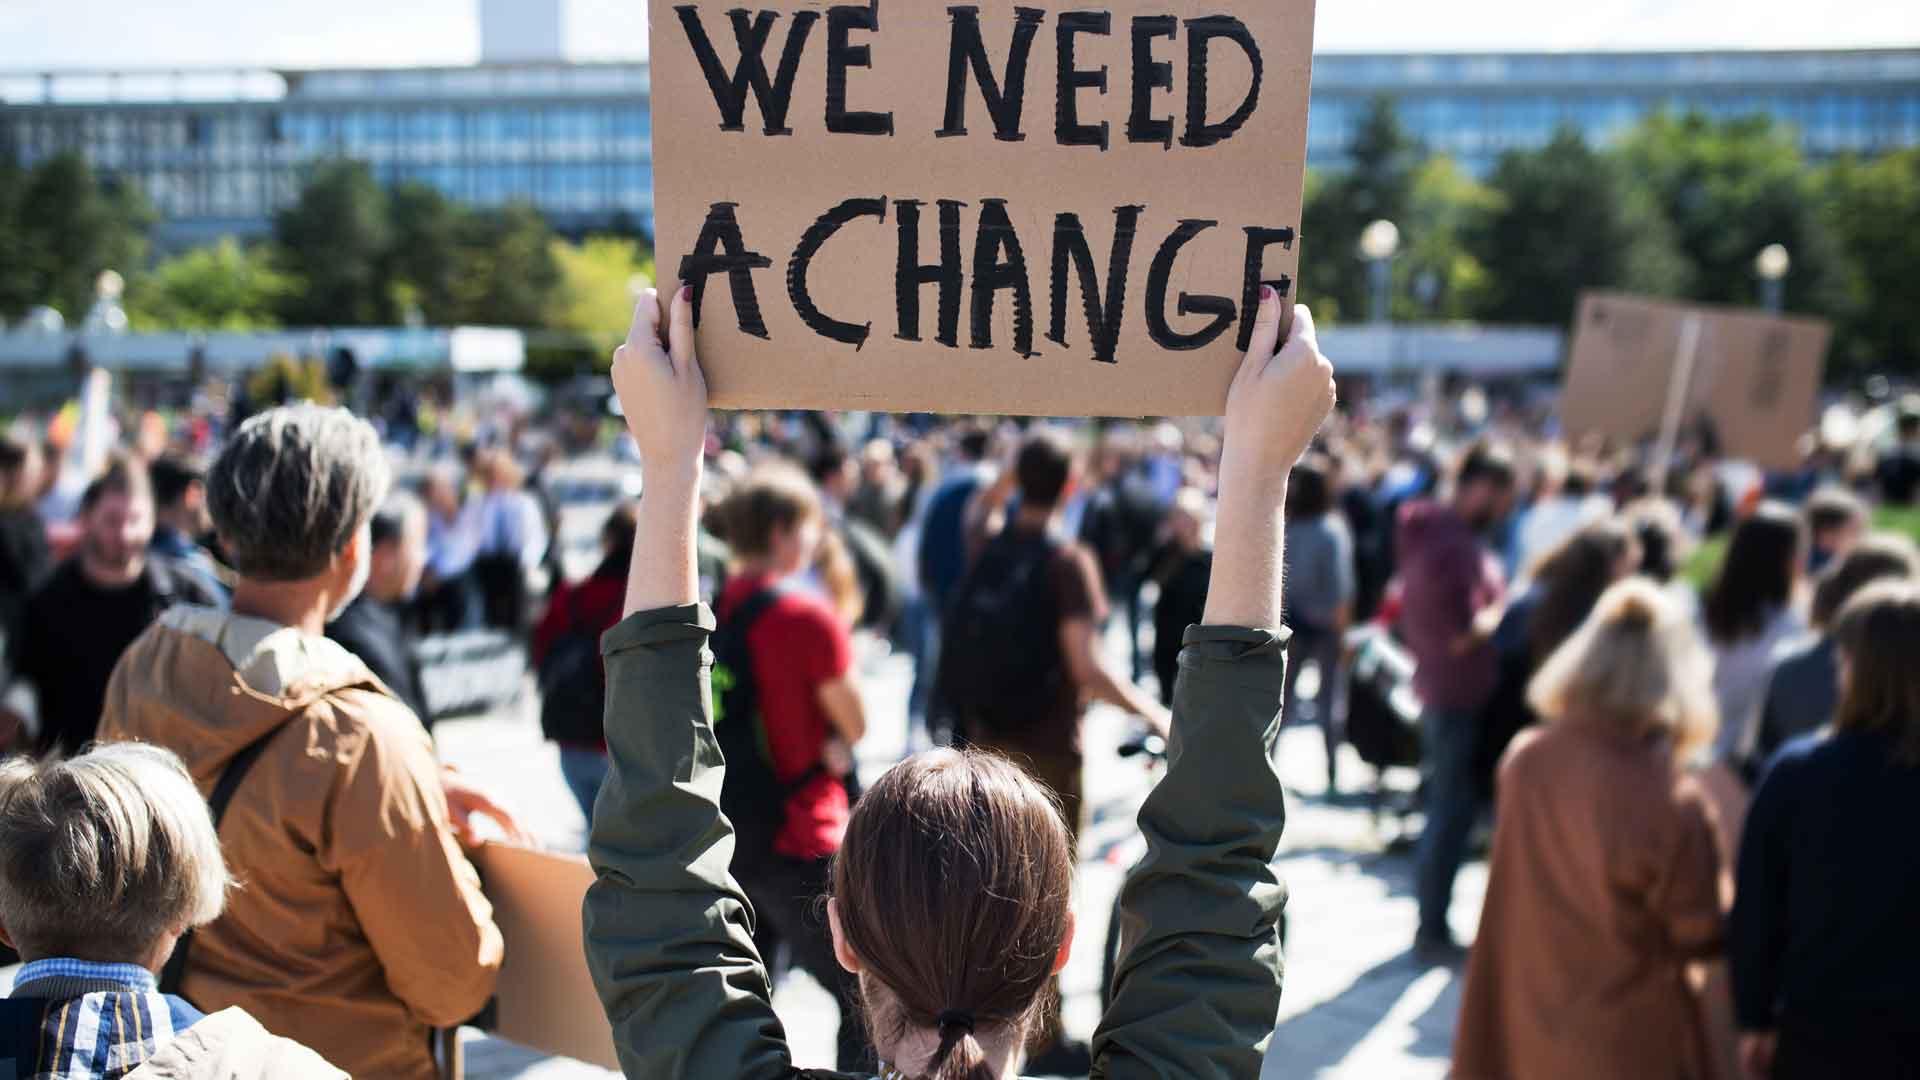 We need change, steht auf diesem Plakat: Wichtig gegen die Entwaldung: Unser Einsatz für entwaldungsfreie Lieferketten - wie hier auf dieser Demo